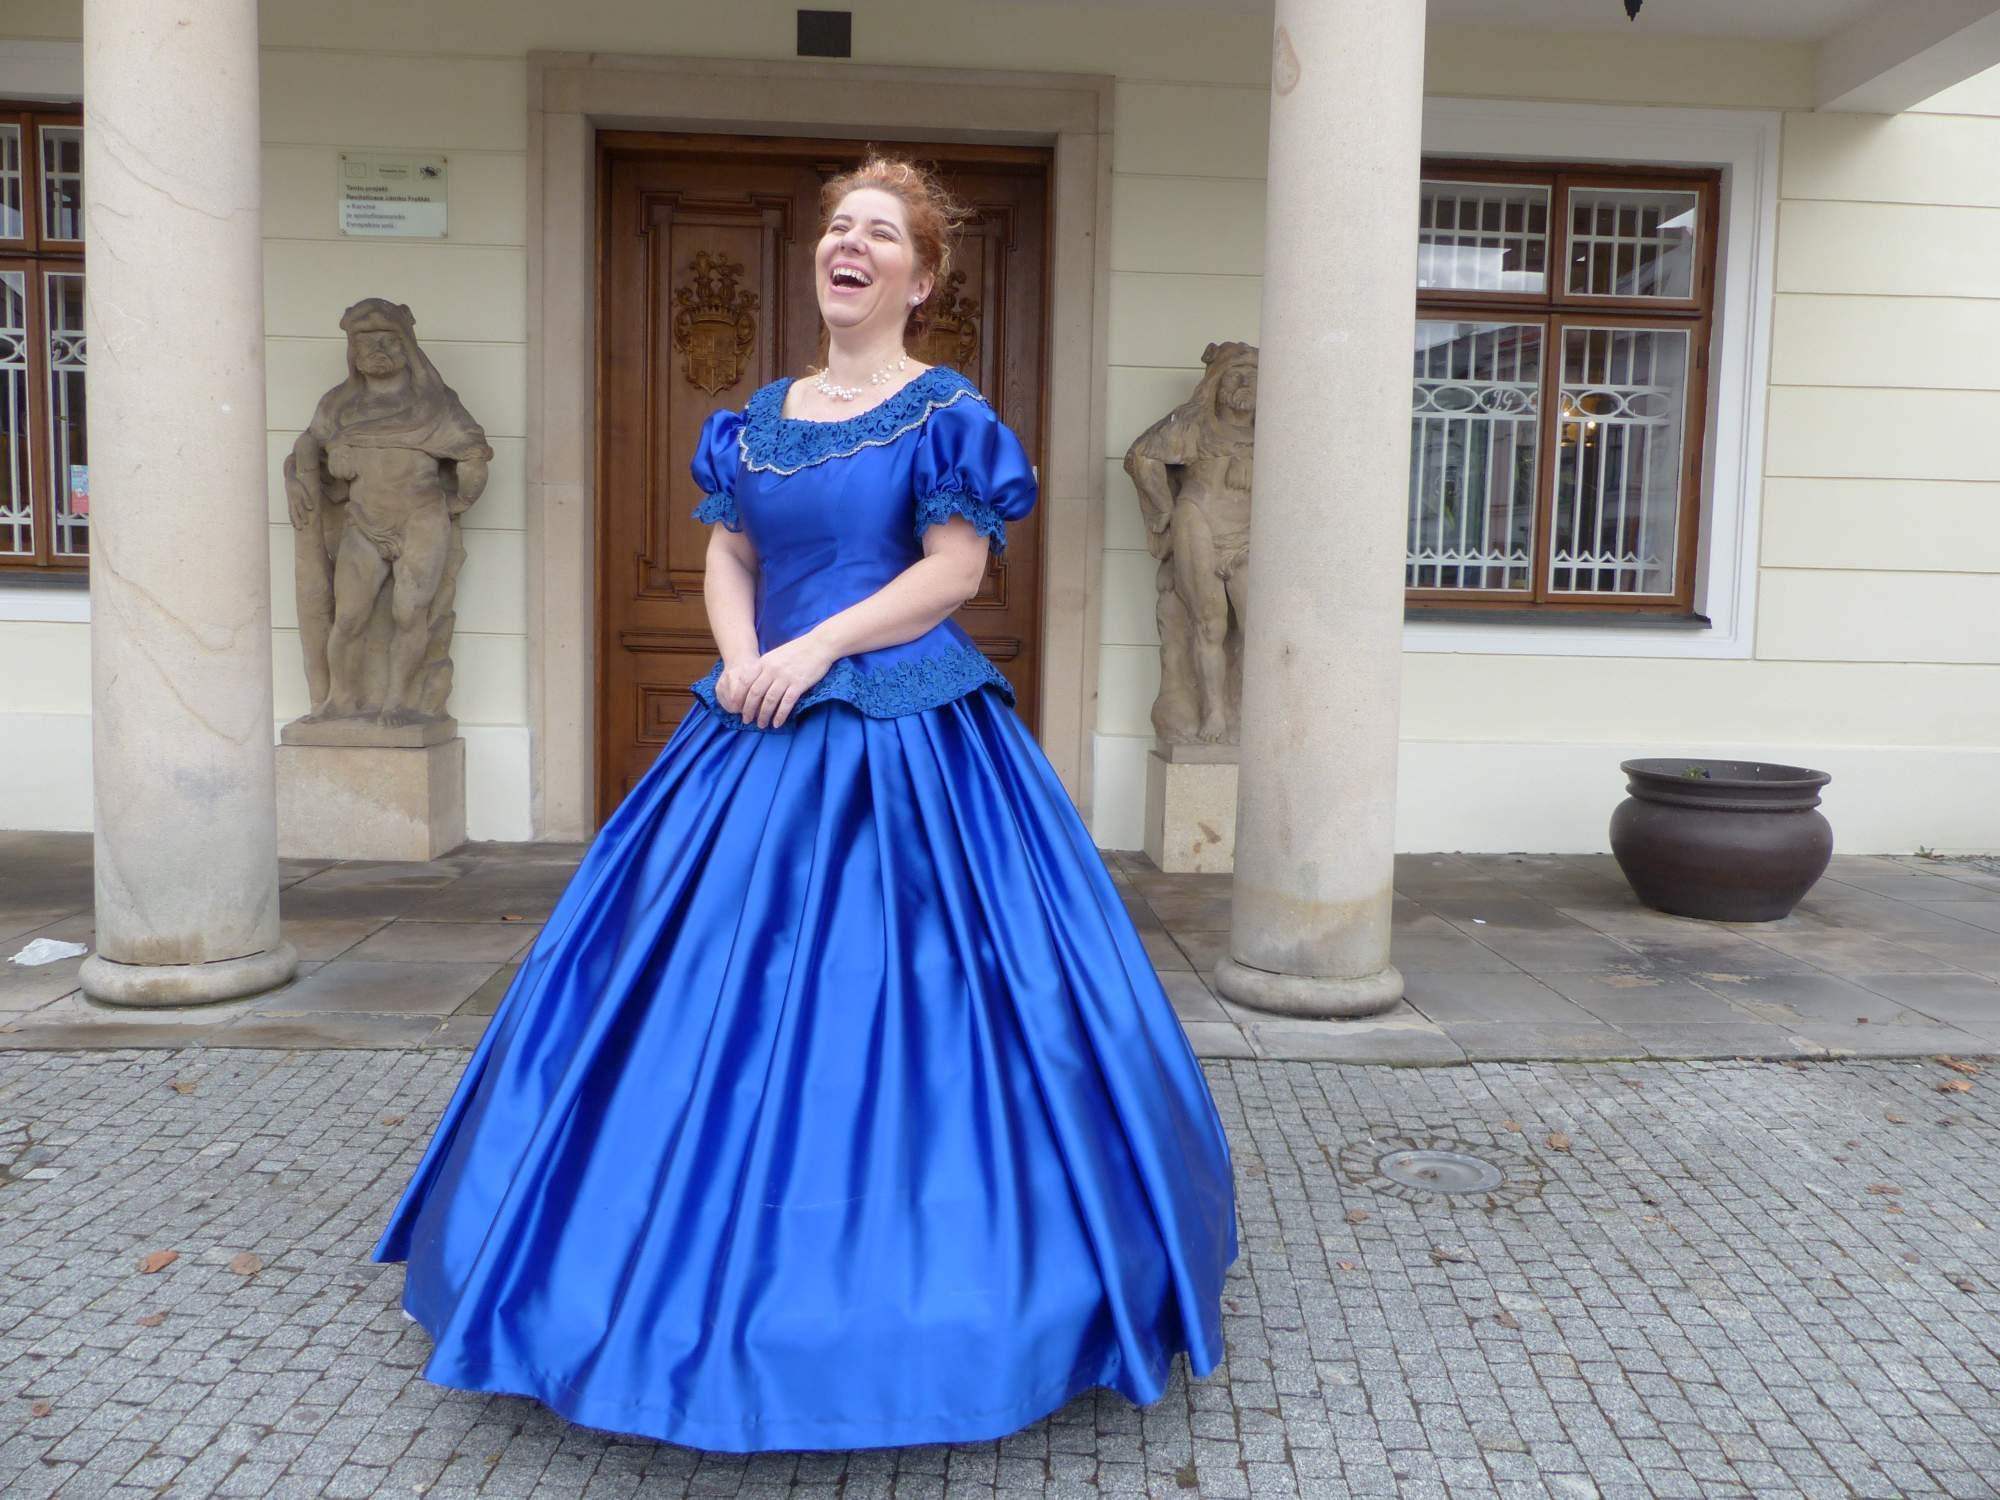 Průvodkyně na zámku, foto: Natálie Kuzmová